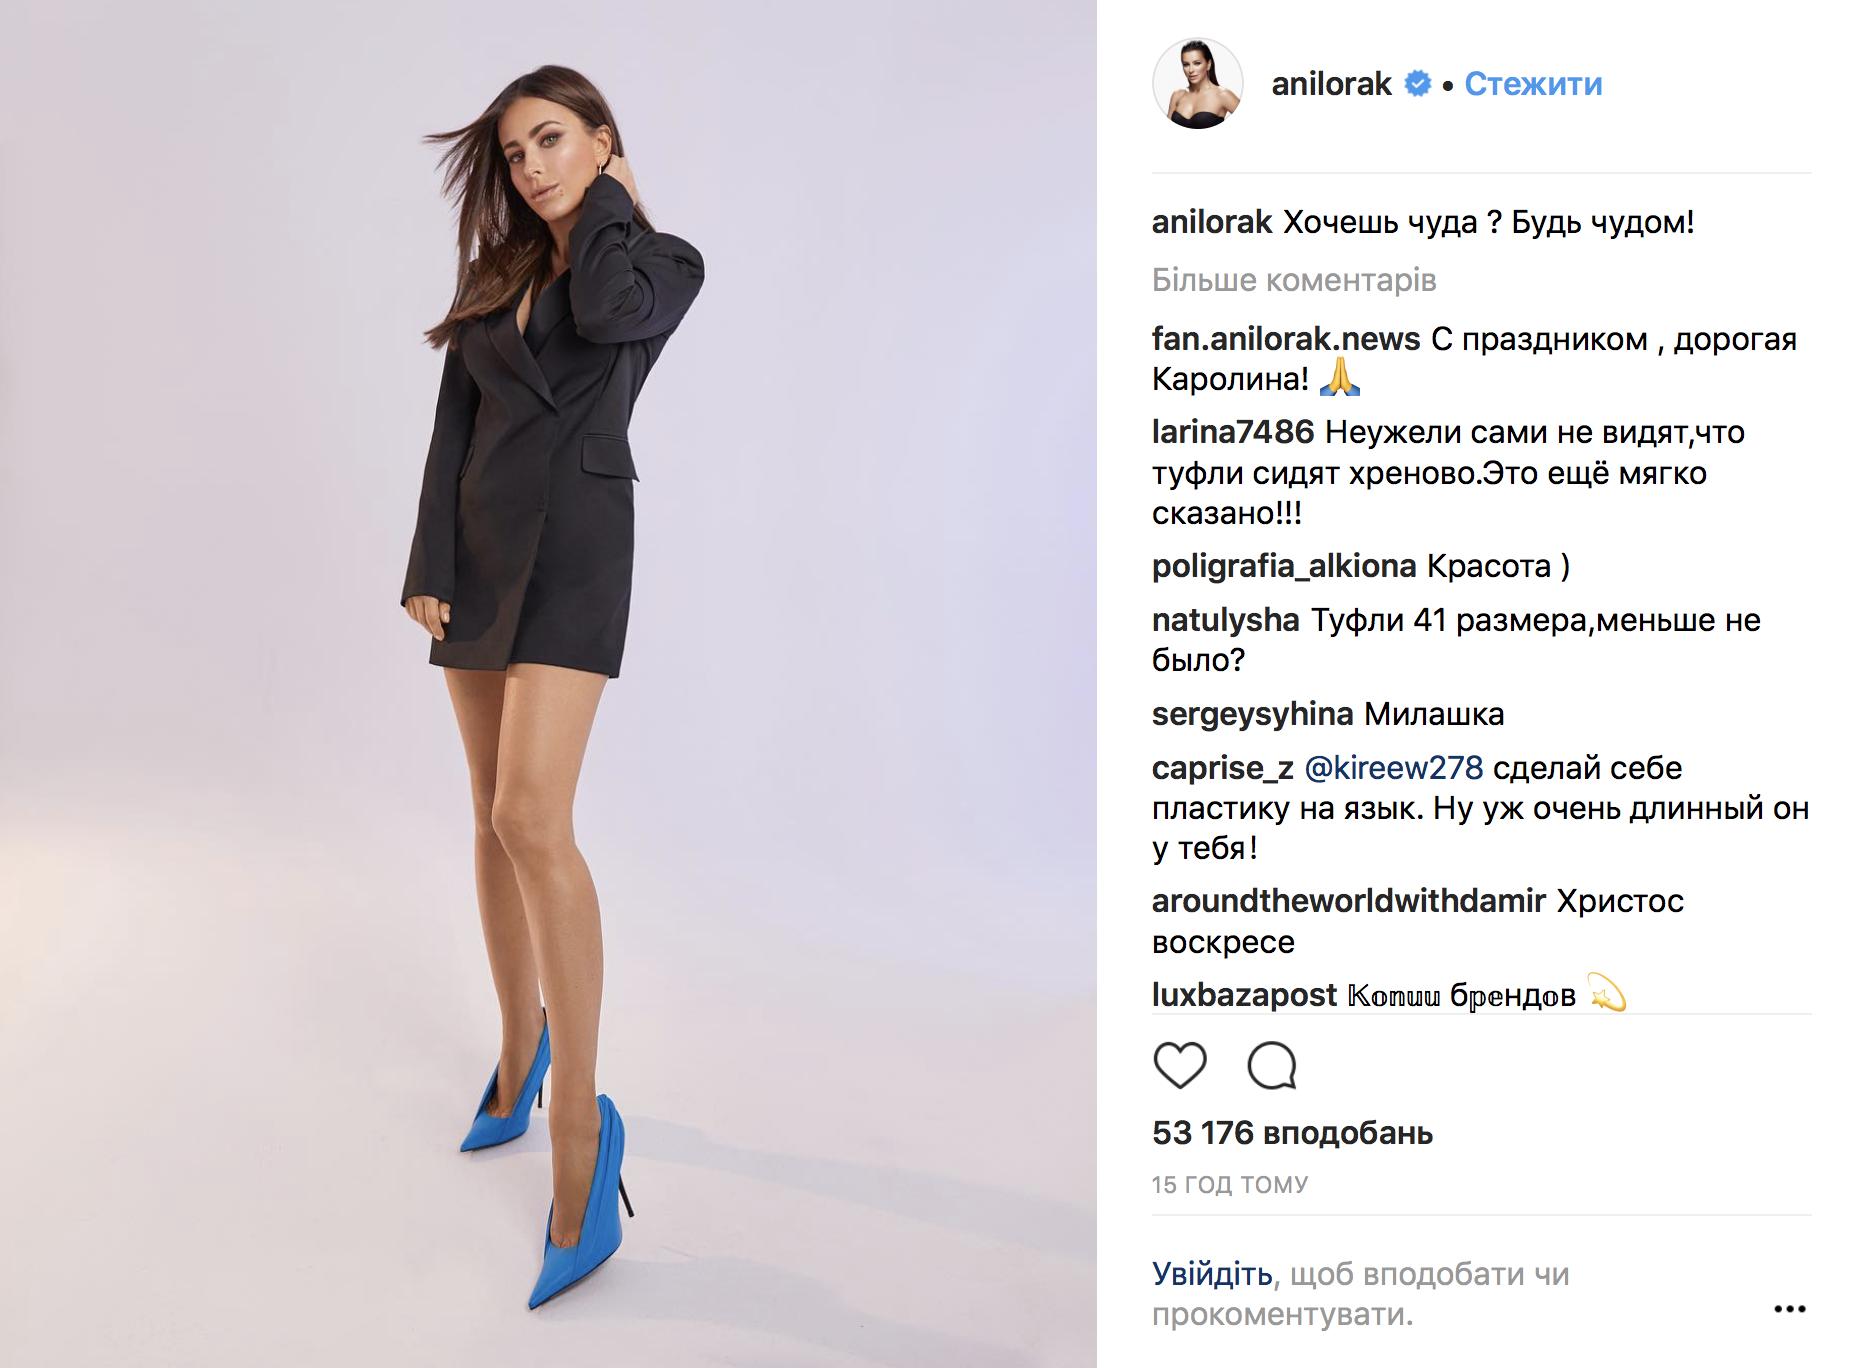 Pevica Ani Lorak Uzhasnula Nelepymi Tuflyami Instagram Fanaty Foto Poslednie Novosti Lifestyle Lifestyle Obozrevatel 8 Aprelya